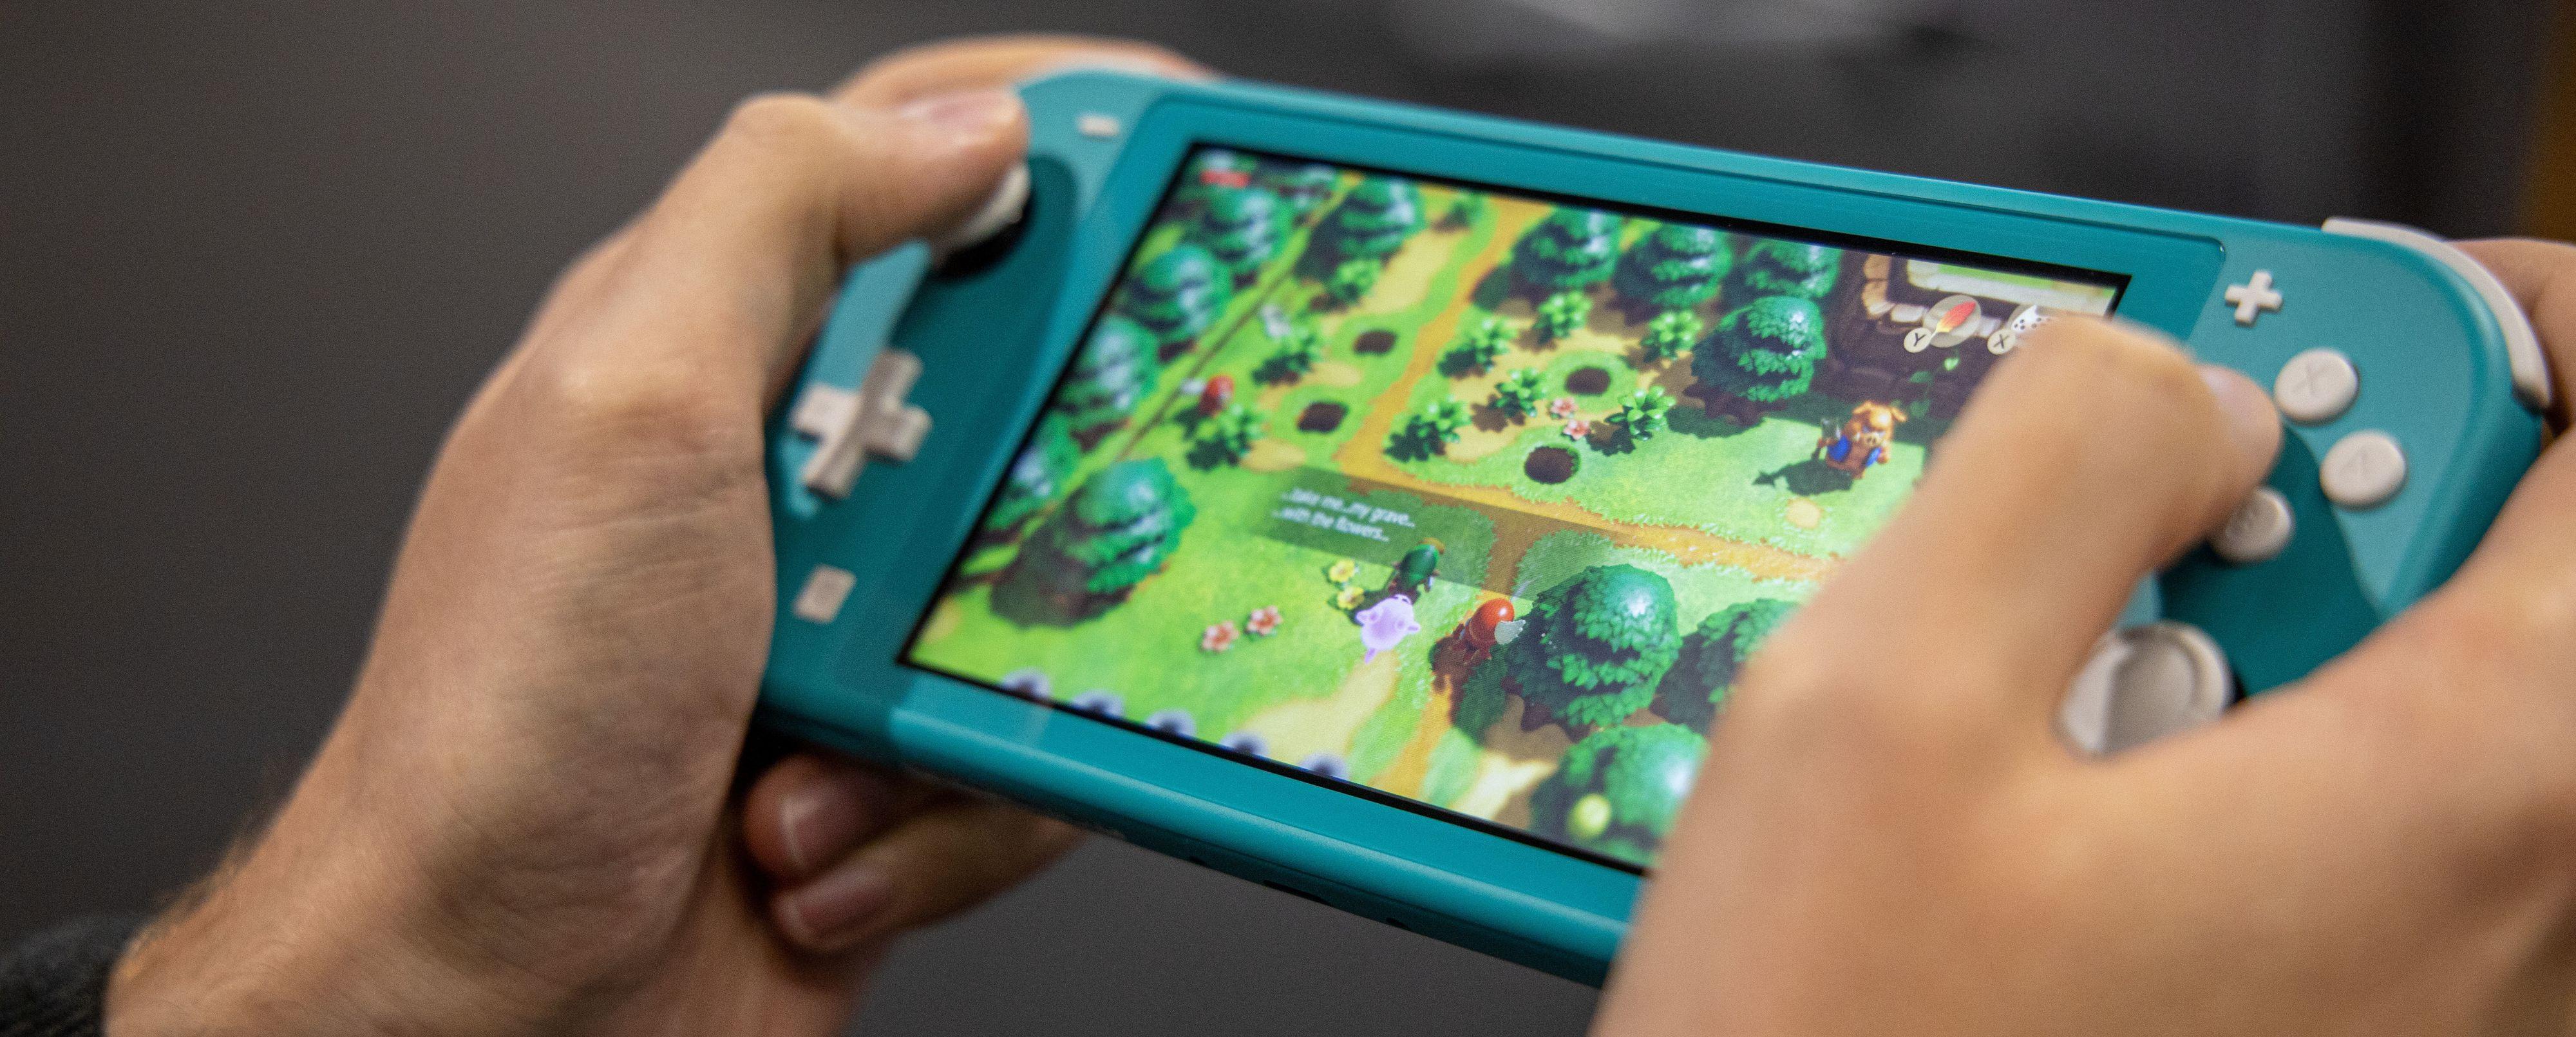 Det ble ganske mange timer med Link's Awakening i testperioden, men også en rekke andre spill, som Tetris 99, Zelda Breath of the Wild og Super Mario Odyssey.